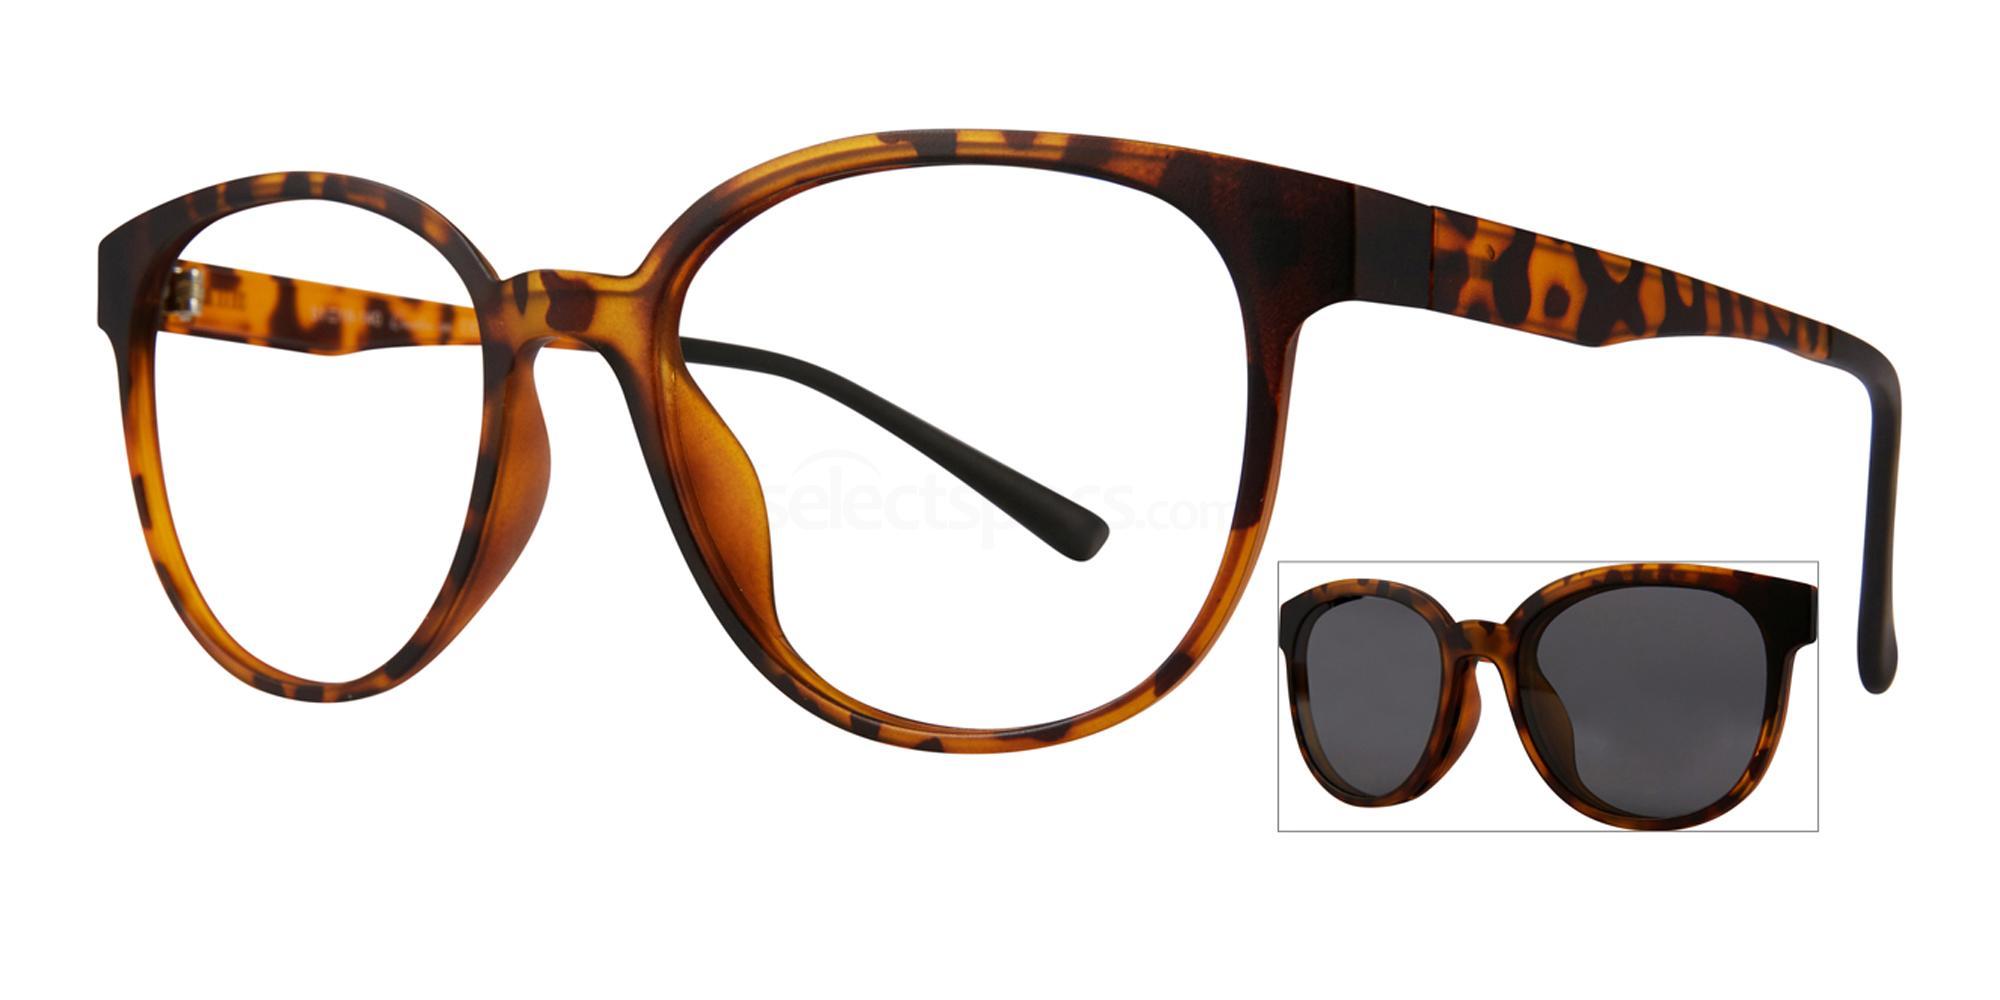 C1 404 with Polarised Clip On Glasses, RETRO